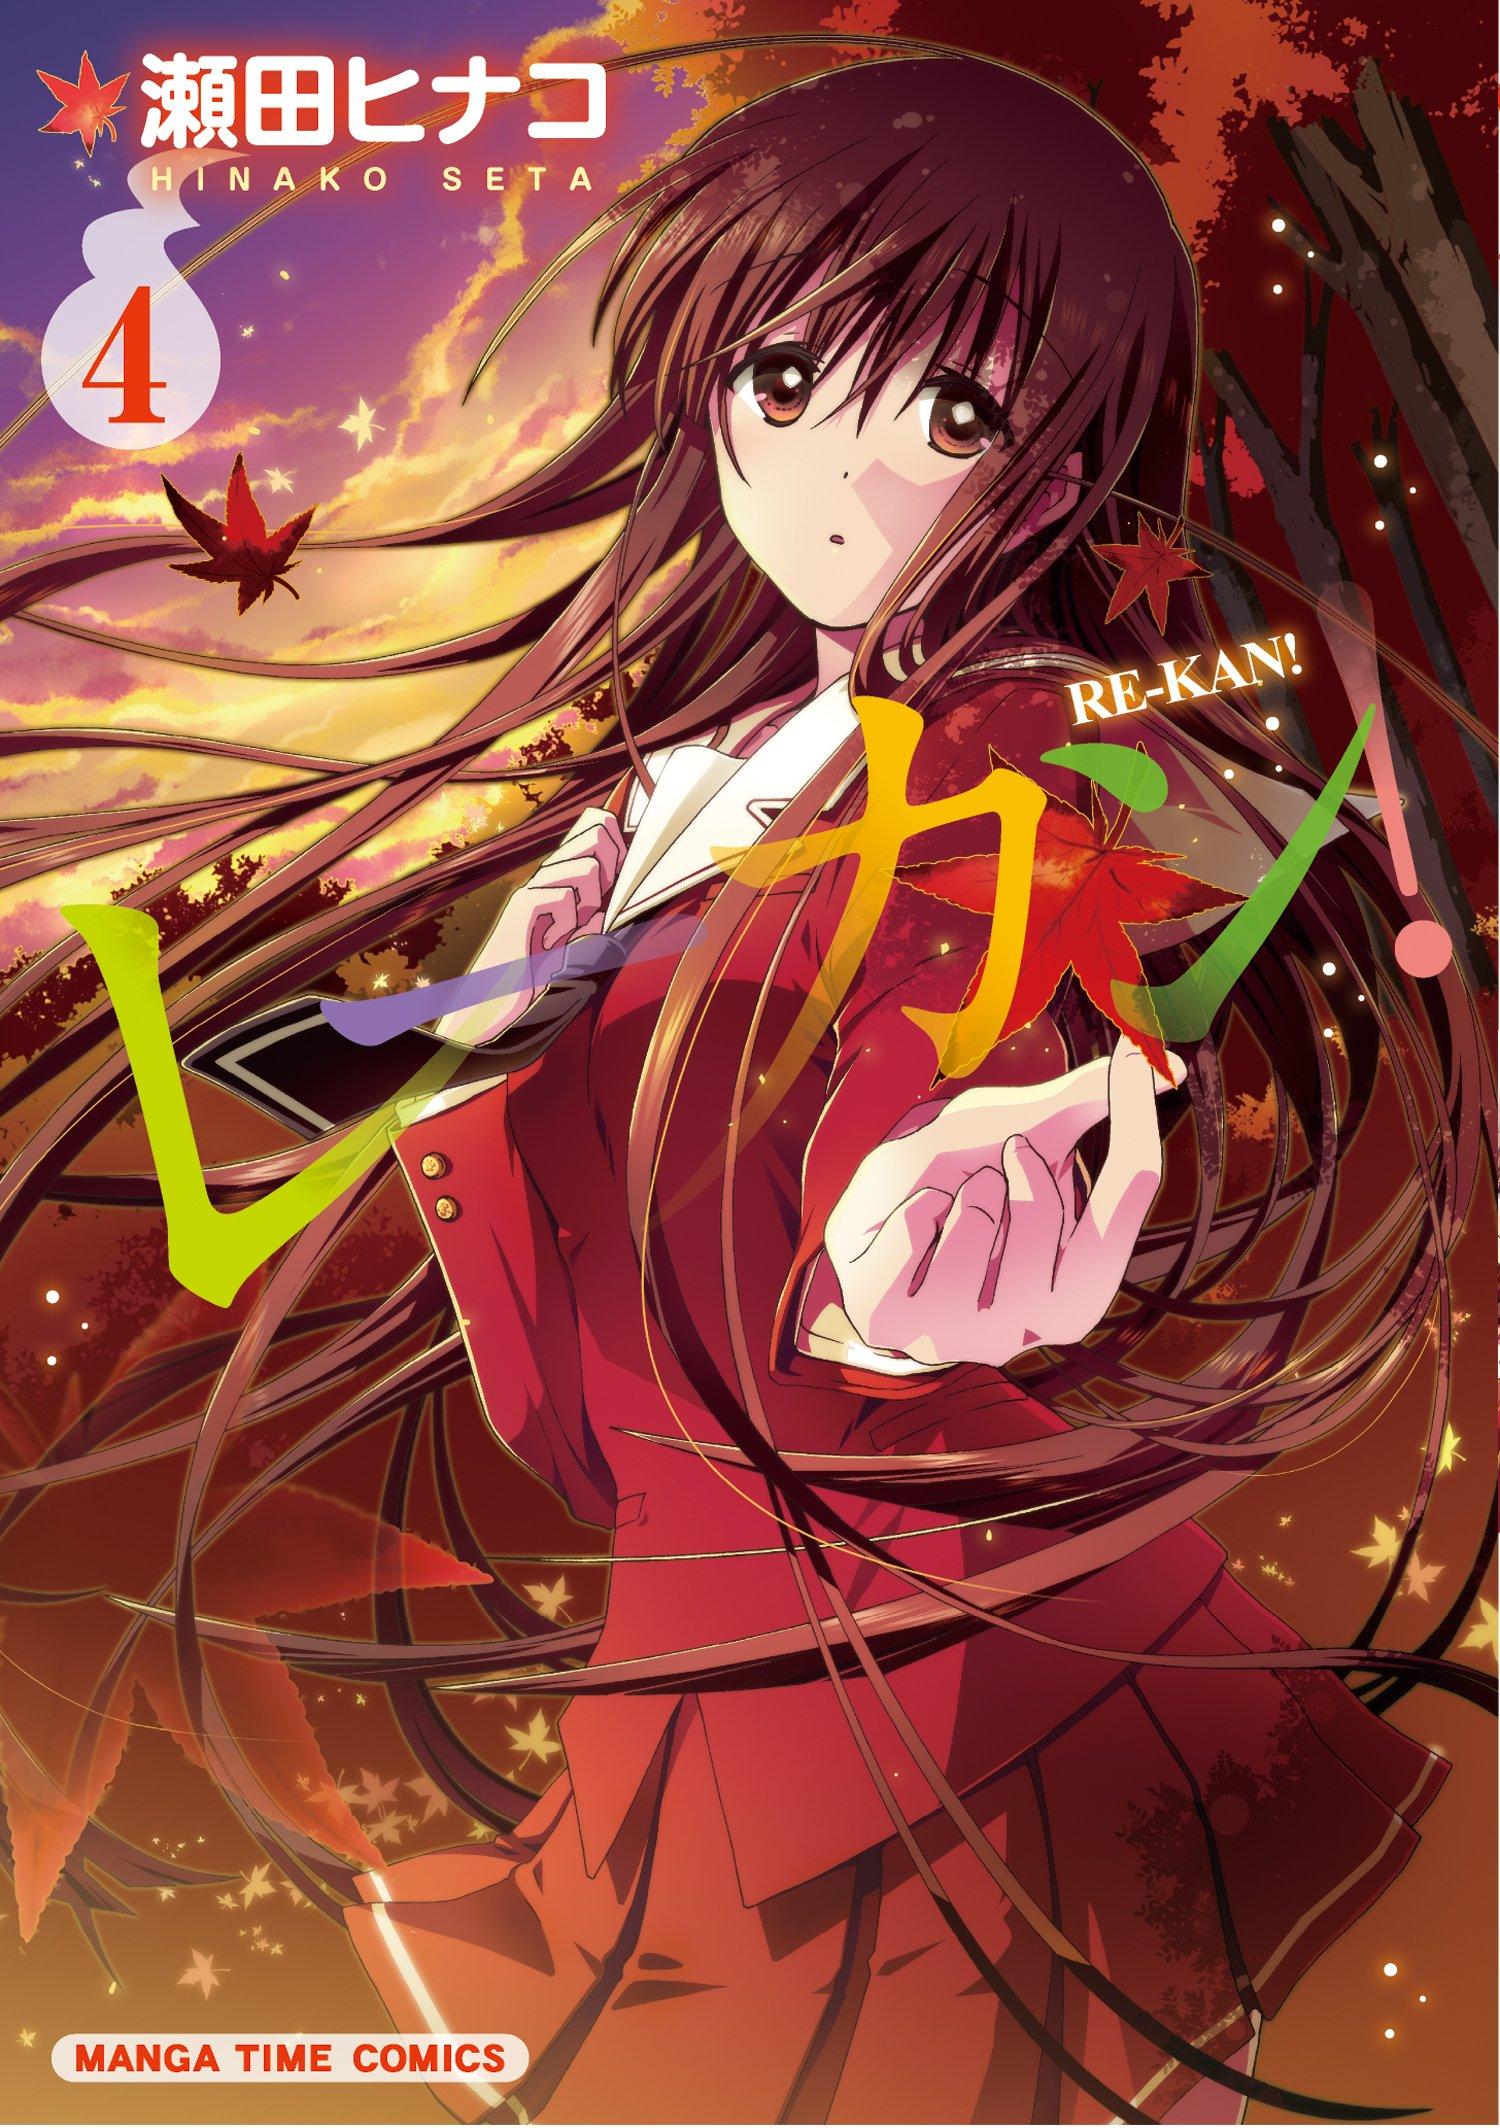 Re-Kan! [4] ebook